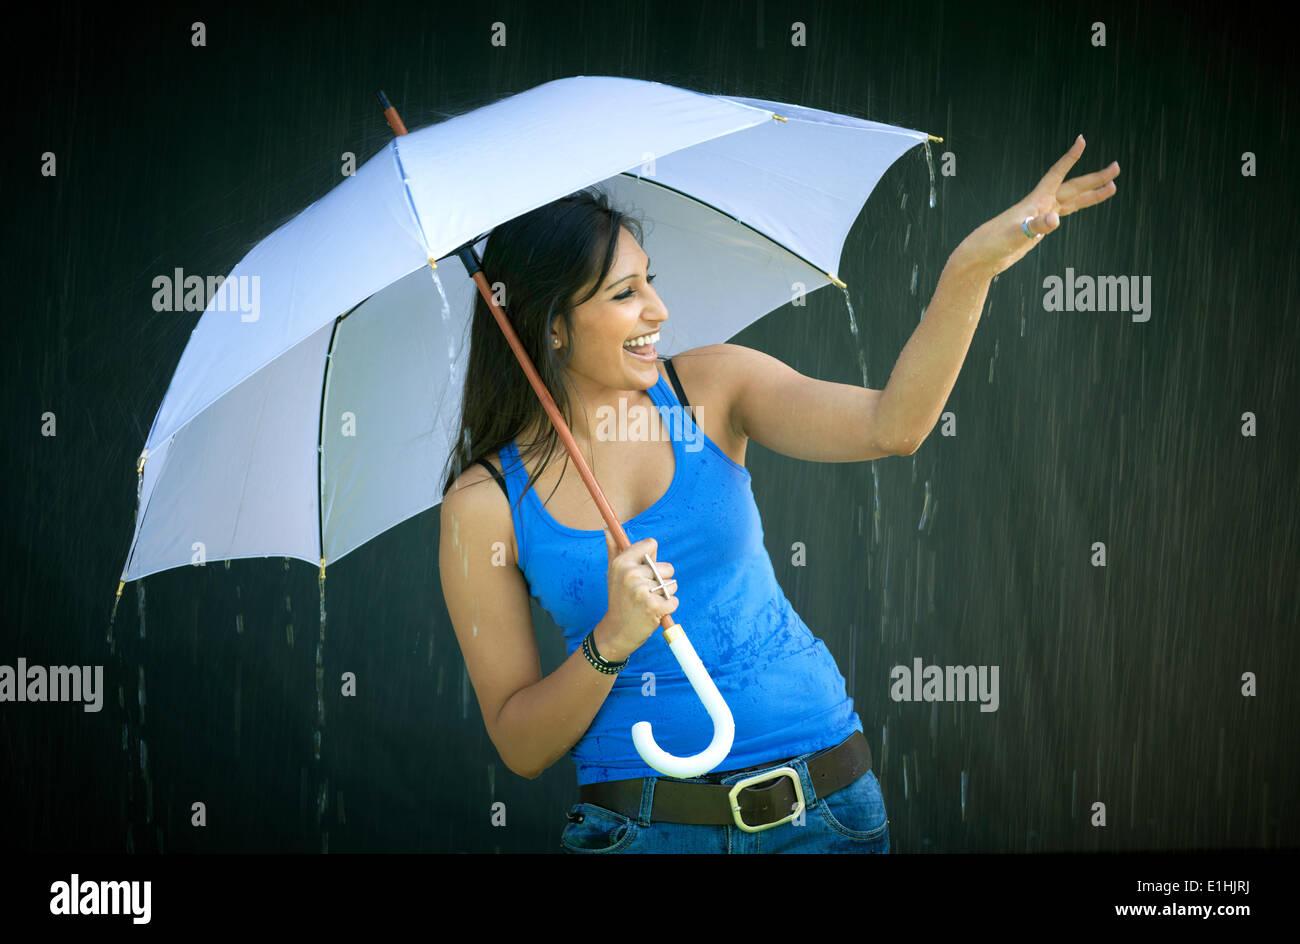 Mujer sonriente sosteniendo un paraguas, disfrutando de la lluvia Foto de stock